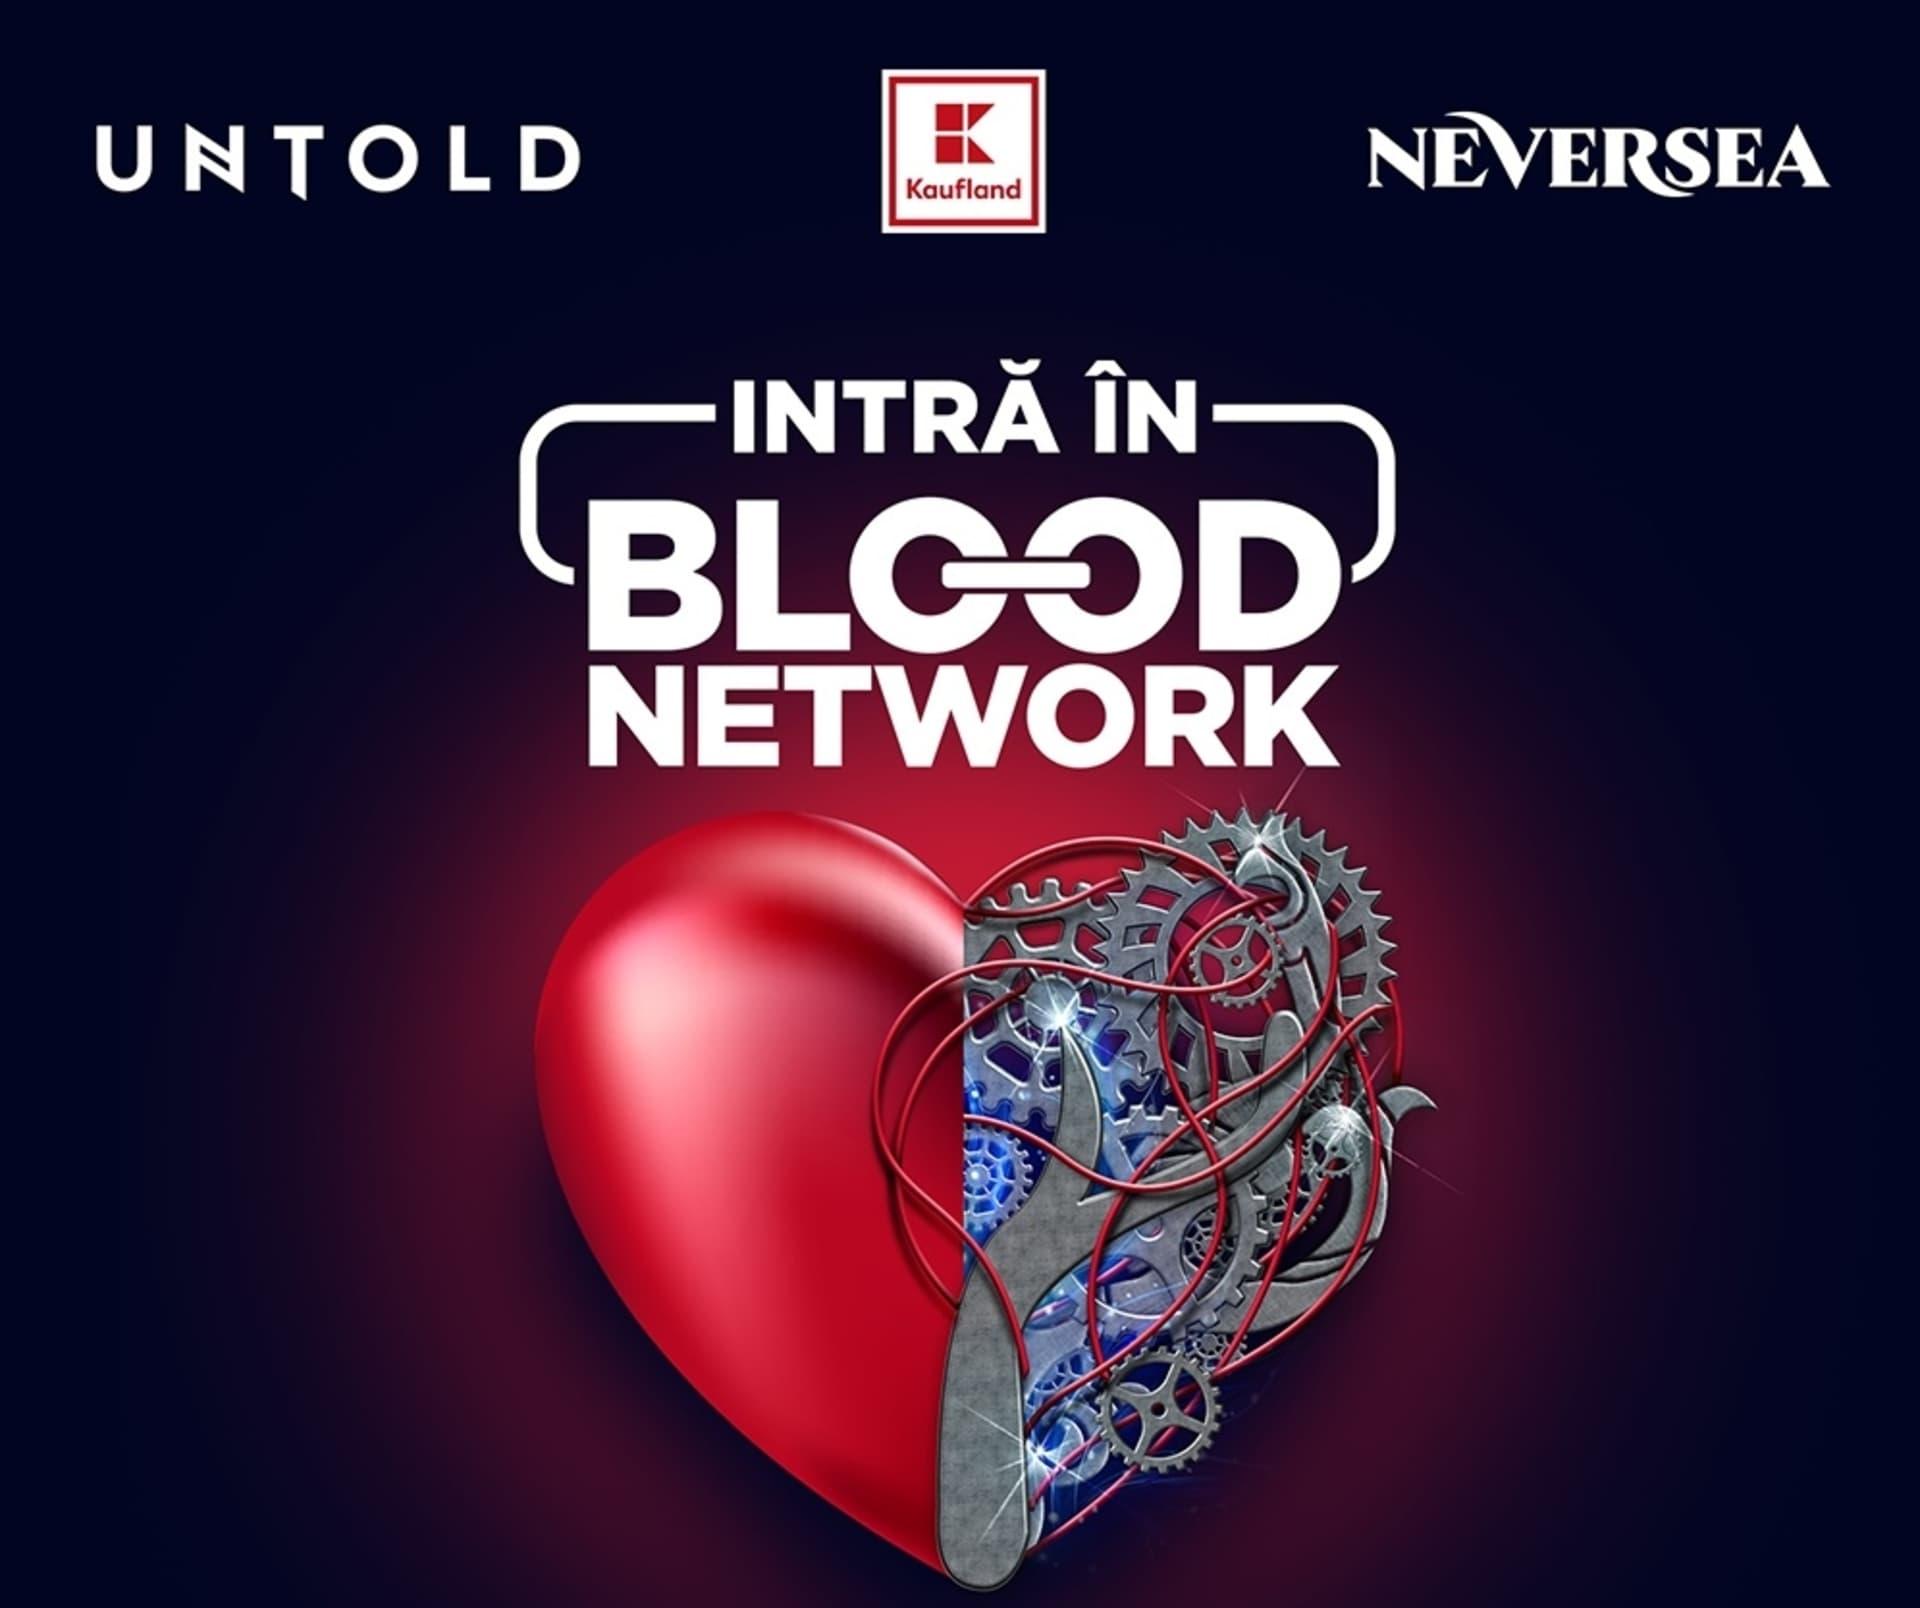 Campania BLOOD NETWORK revine – donează sânge și mergi la UNTOLD și Neversea!